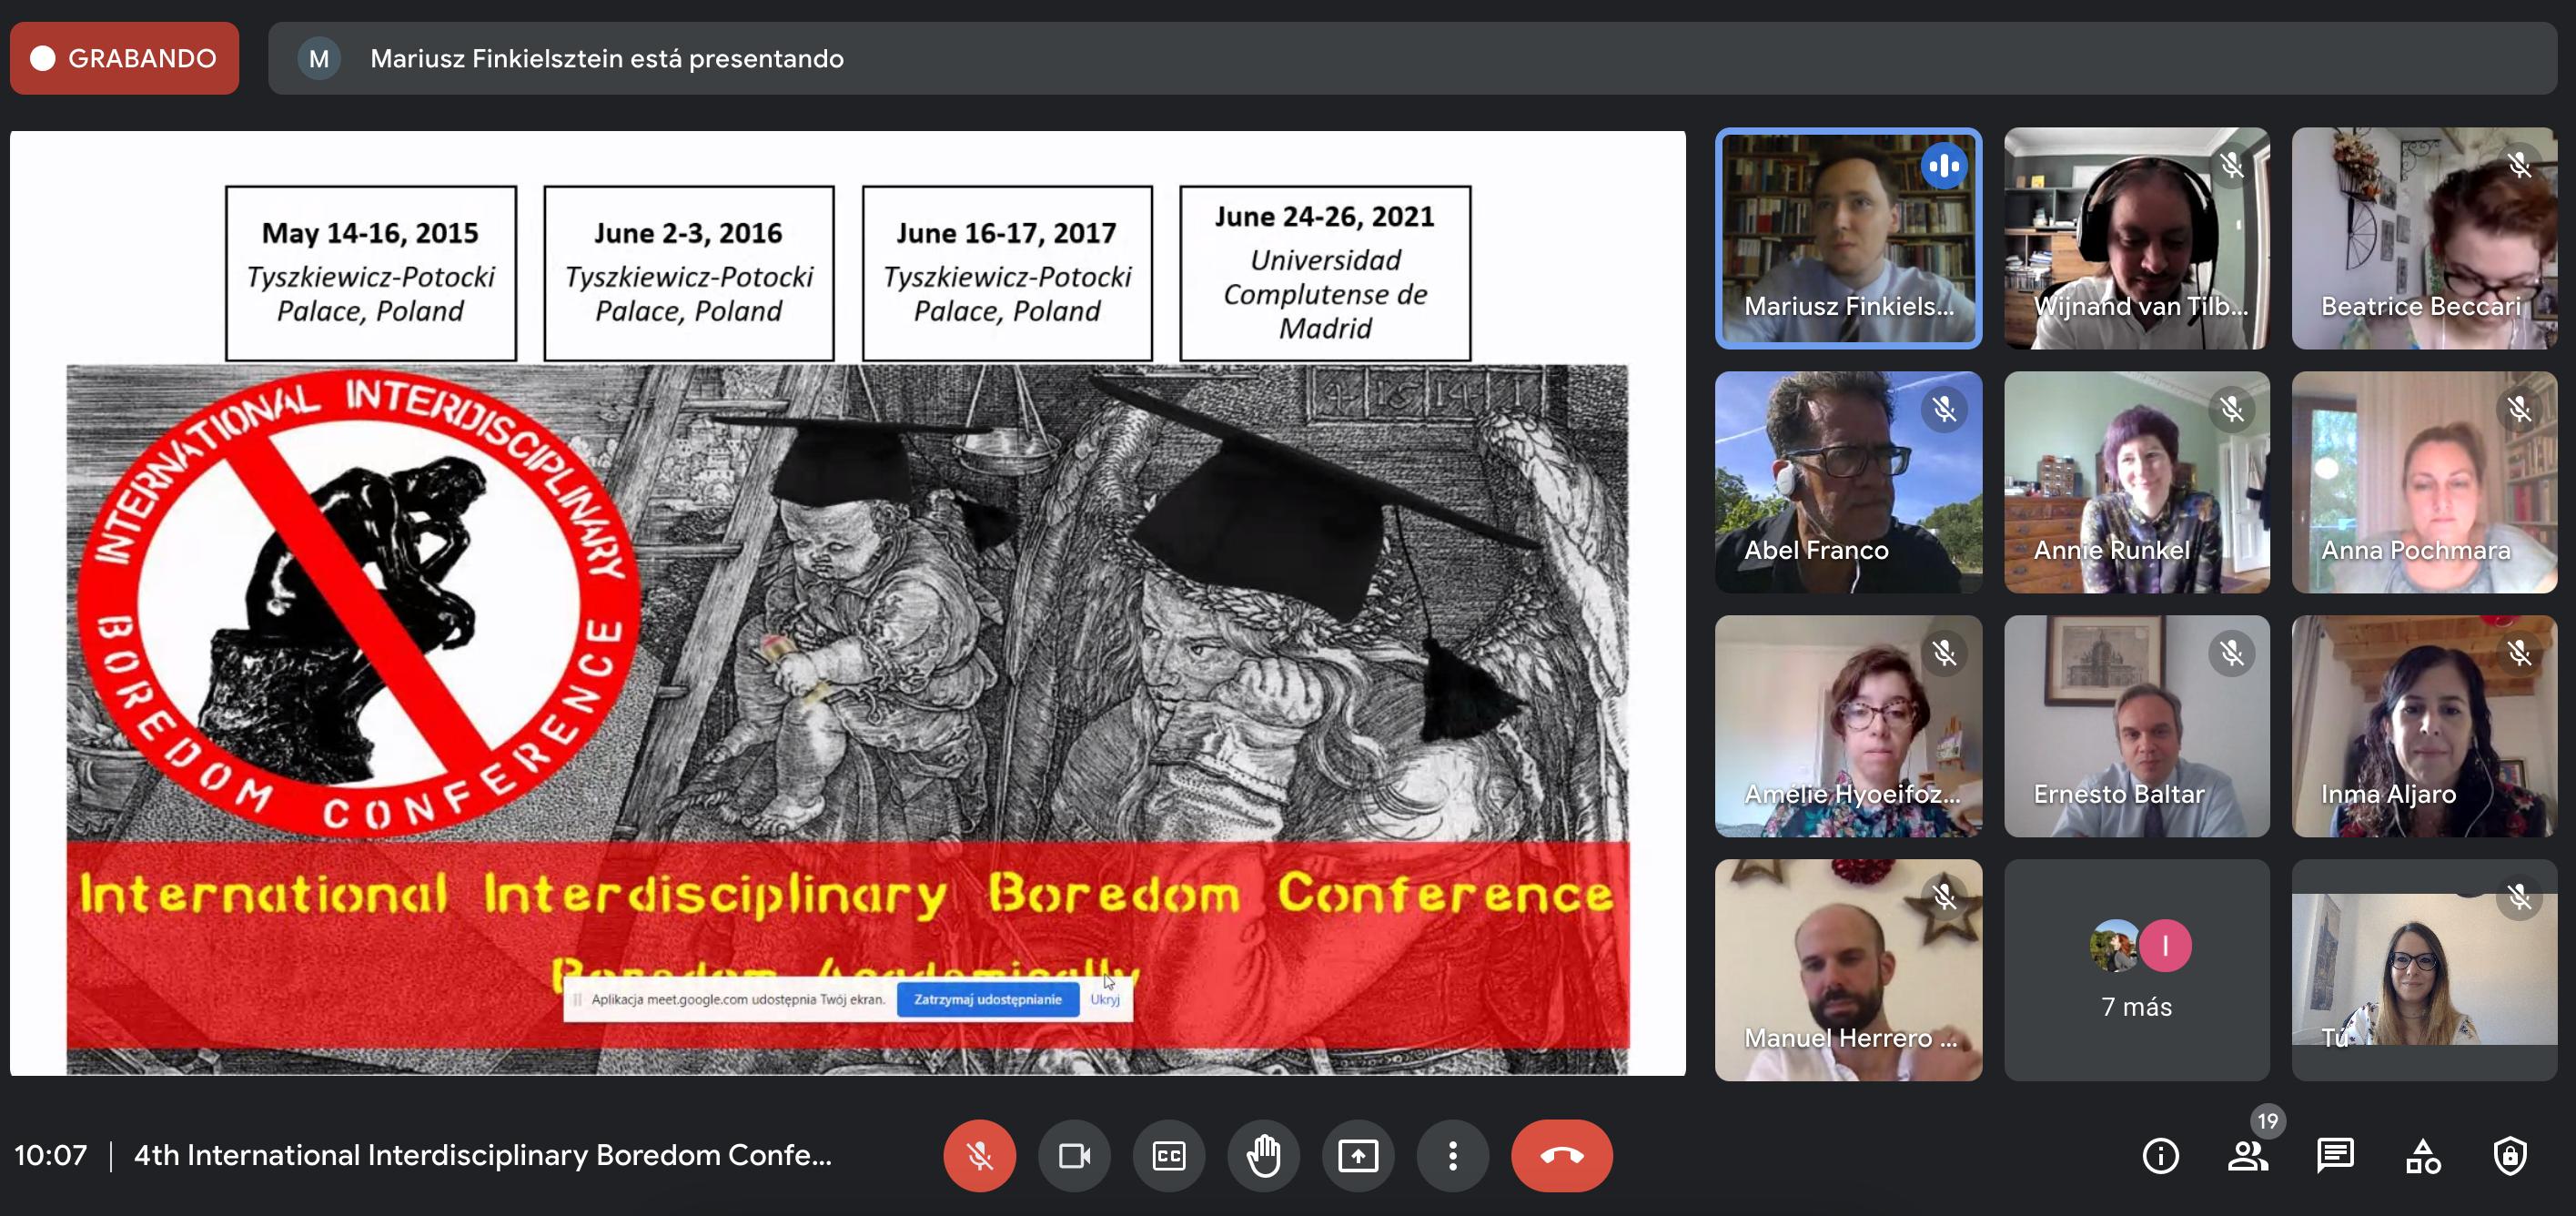 Captura de pantalla 2021-06-24 a las 10.07.32